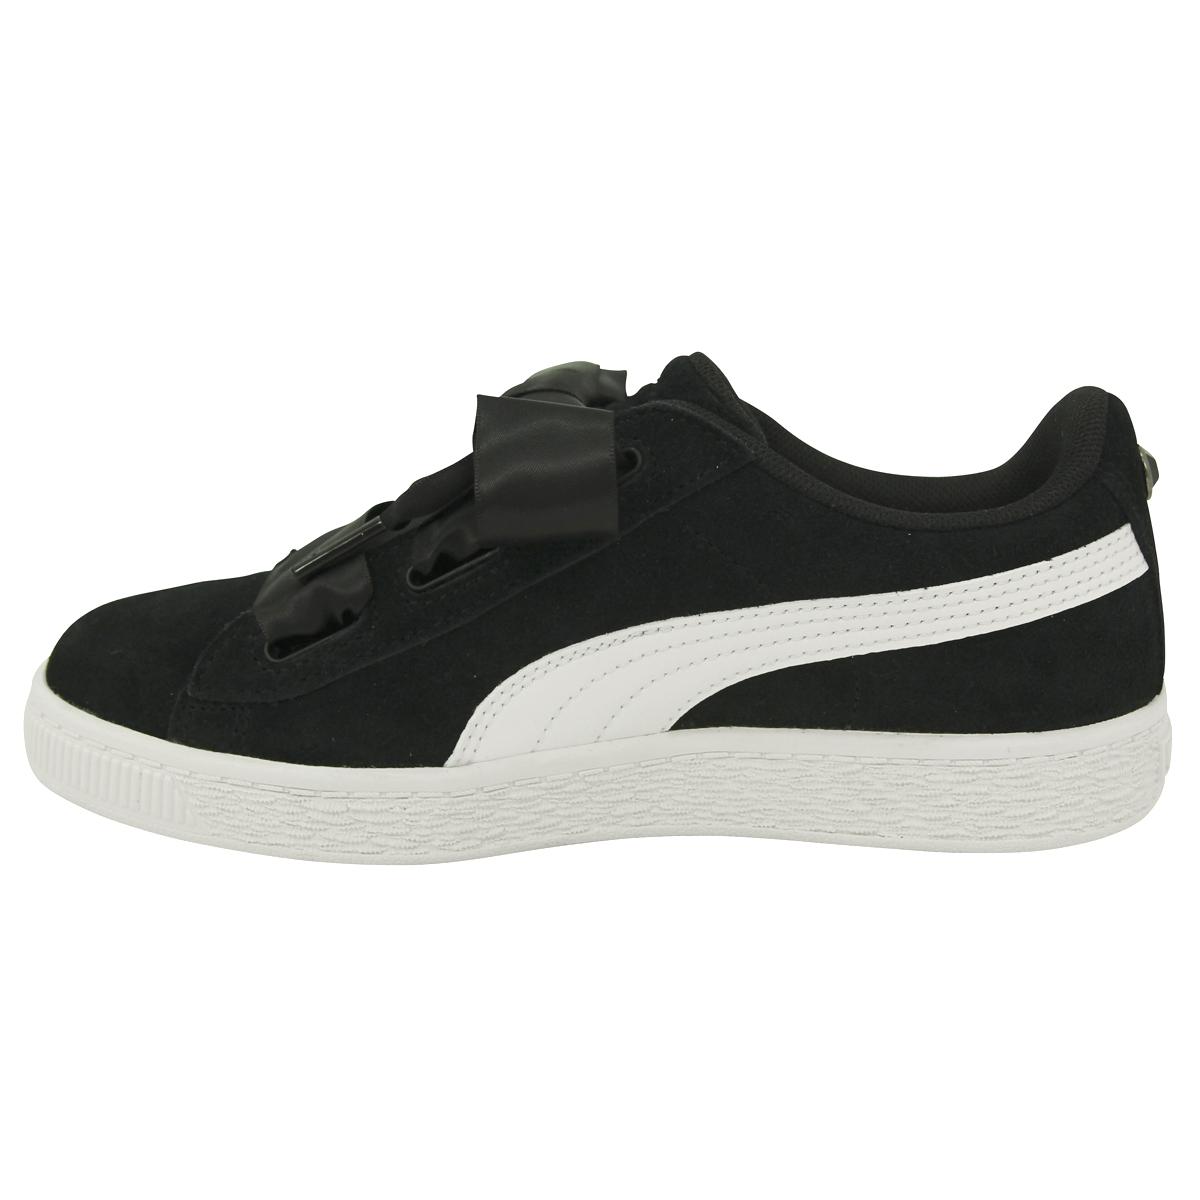 431330953ab Chaussures Baskets Puma fille Suede Heart Jewel V PS Taille Noir noire Suède  31. À propos de ce produit. Photo 1 12  Photo 2 12  Photo 3 12 ...